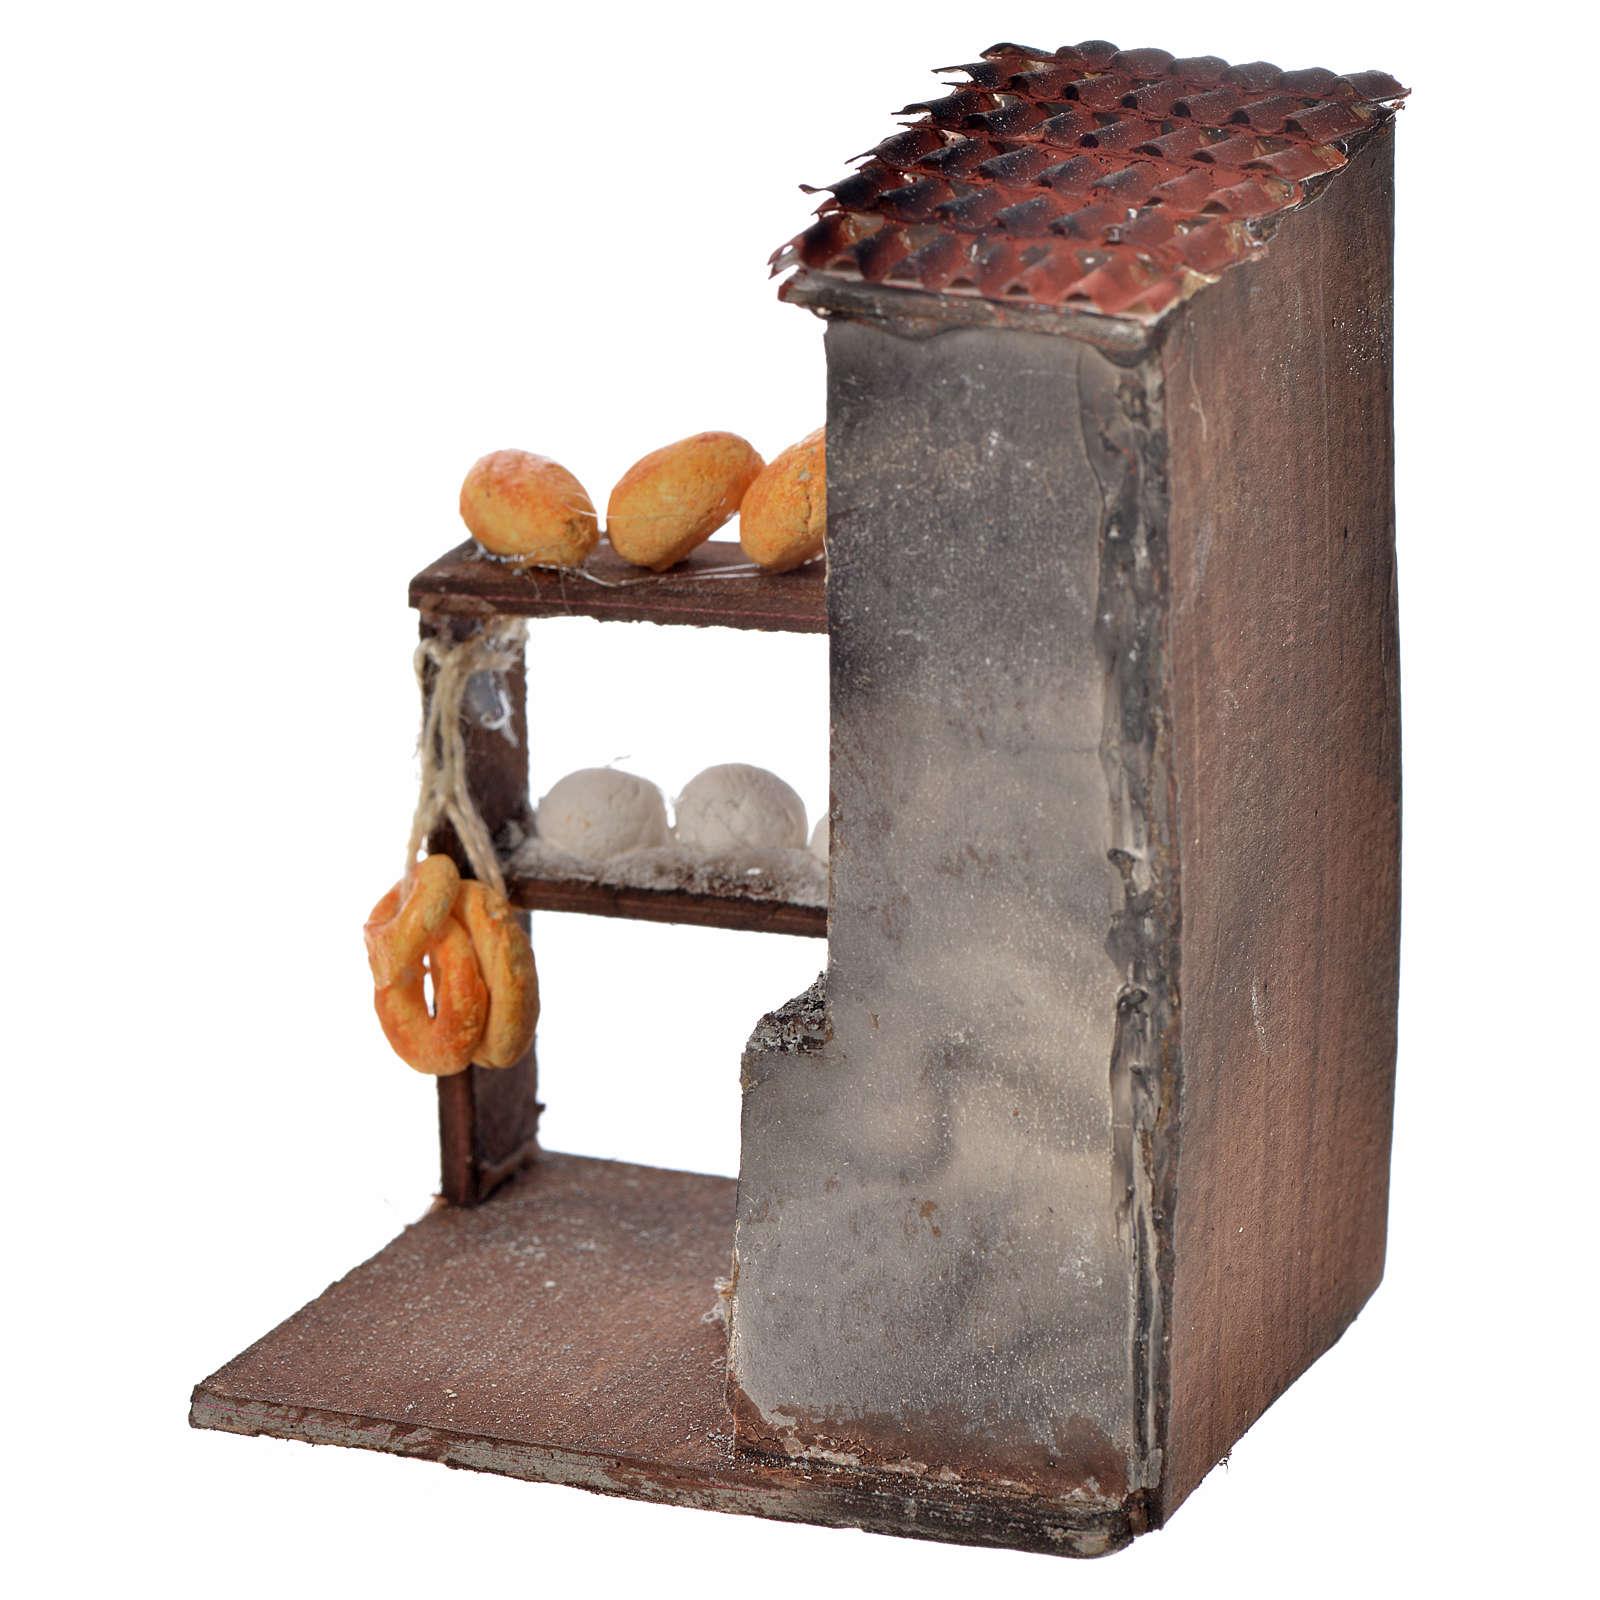 Horno para le pan 8,5x5x6 cm pesebre Nápoles 4